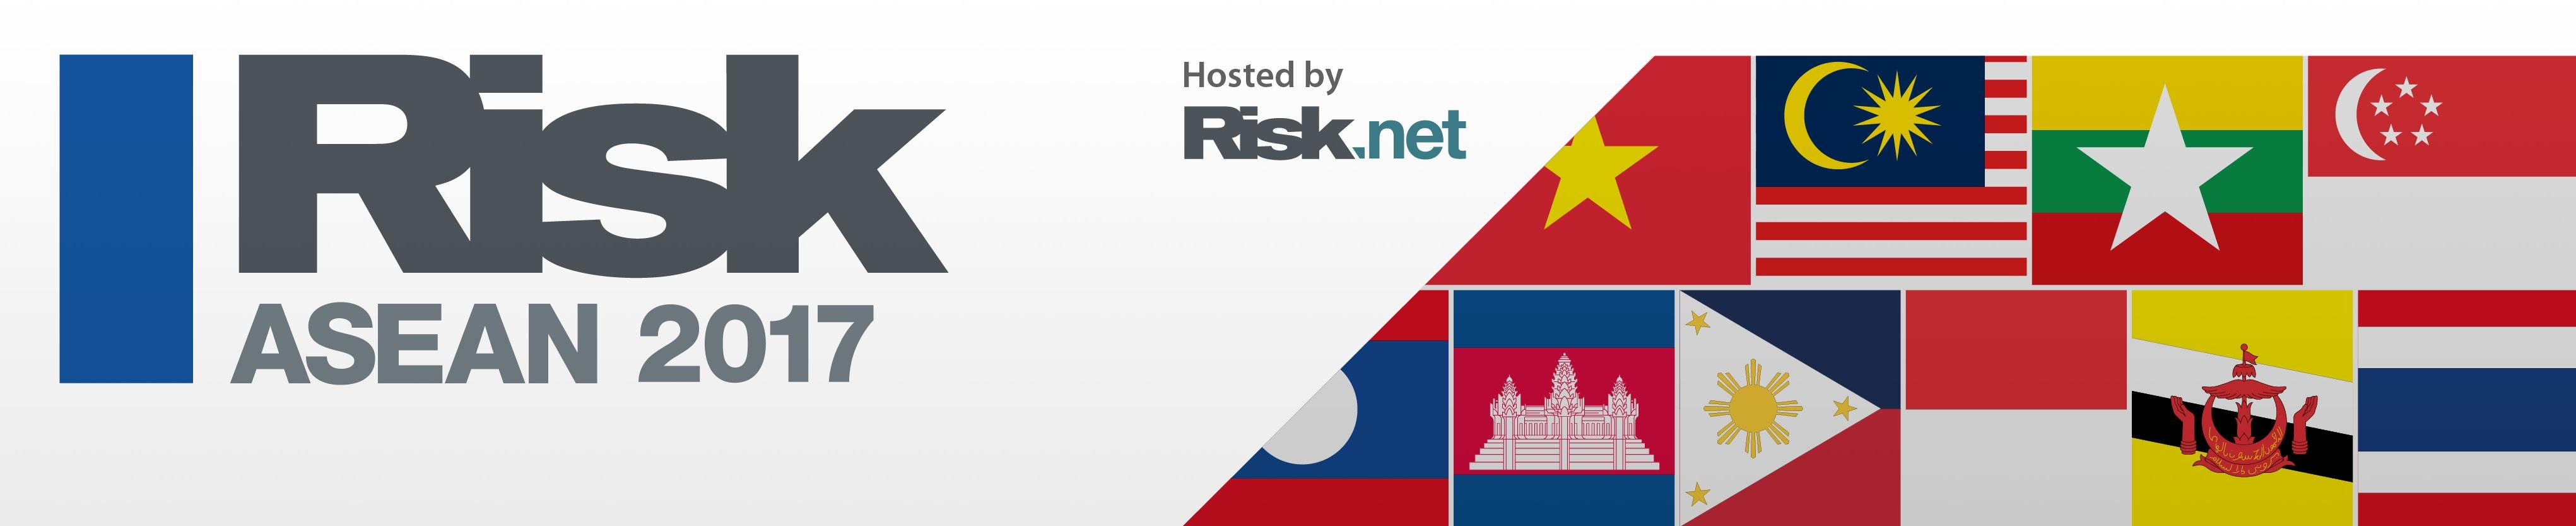 Risk ASEAN 2017